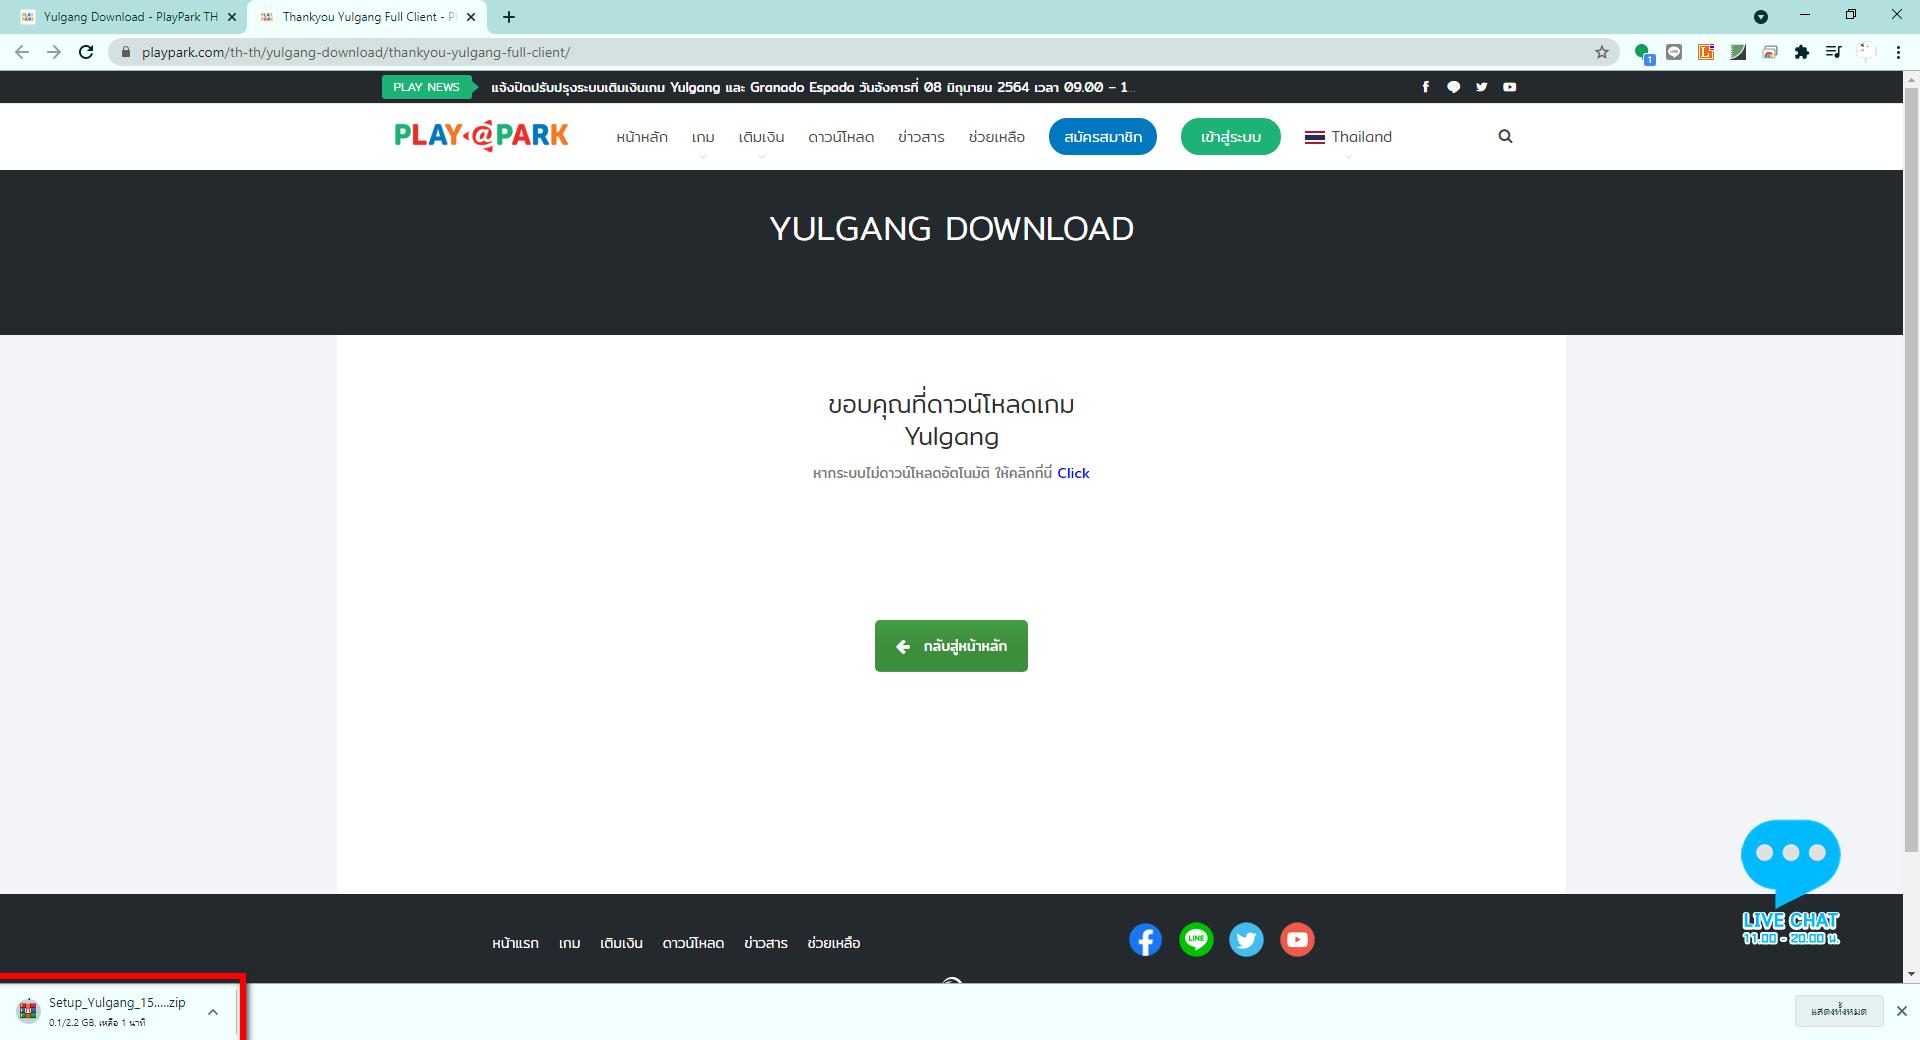 Yulgang ขั้นตอนการติดตั้งดาวน์โหลดและติดตั้งเกม